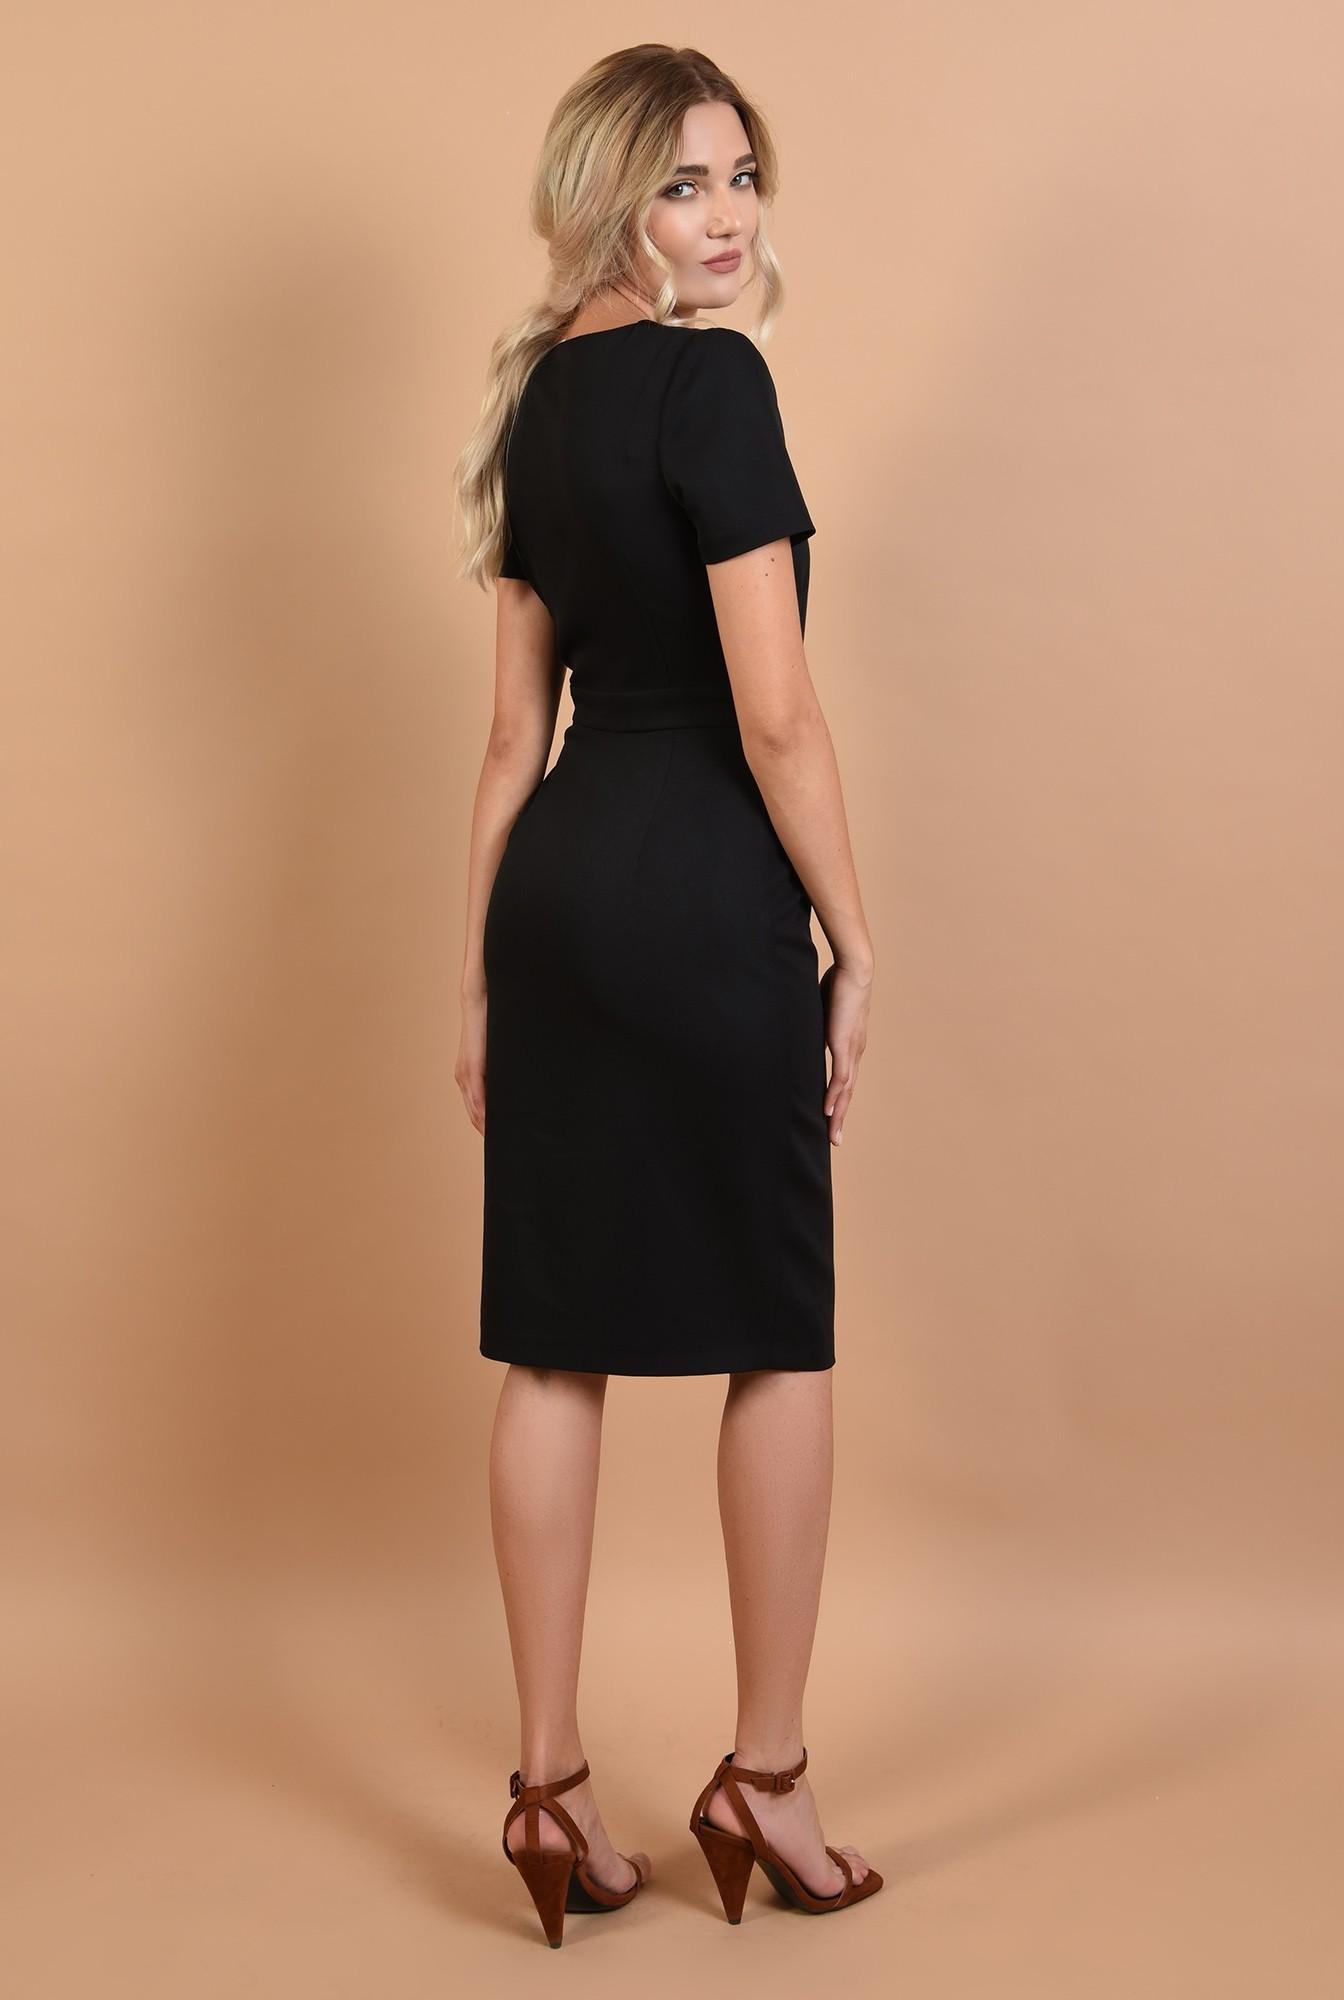 1 - 360 - rochie neagra, cu nasturi, anchior, maneci scurte, office